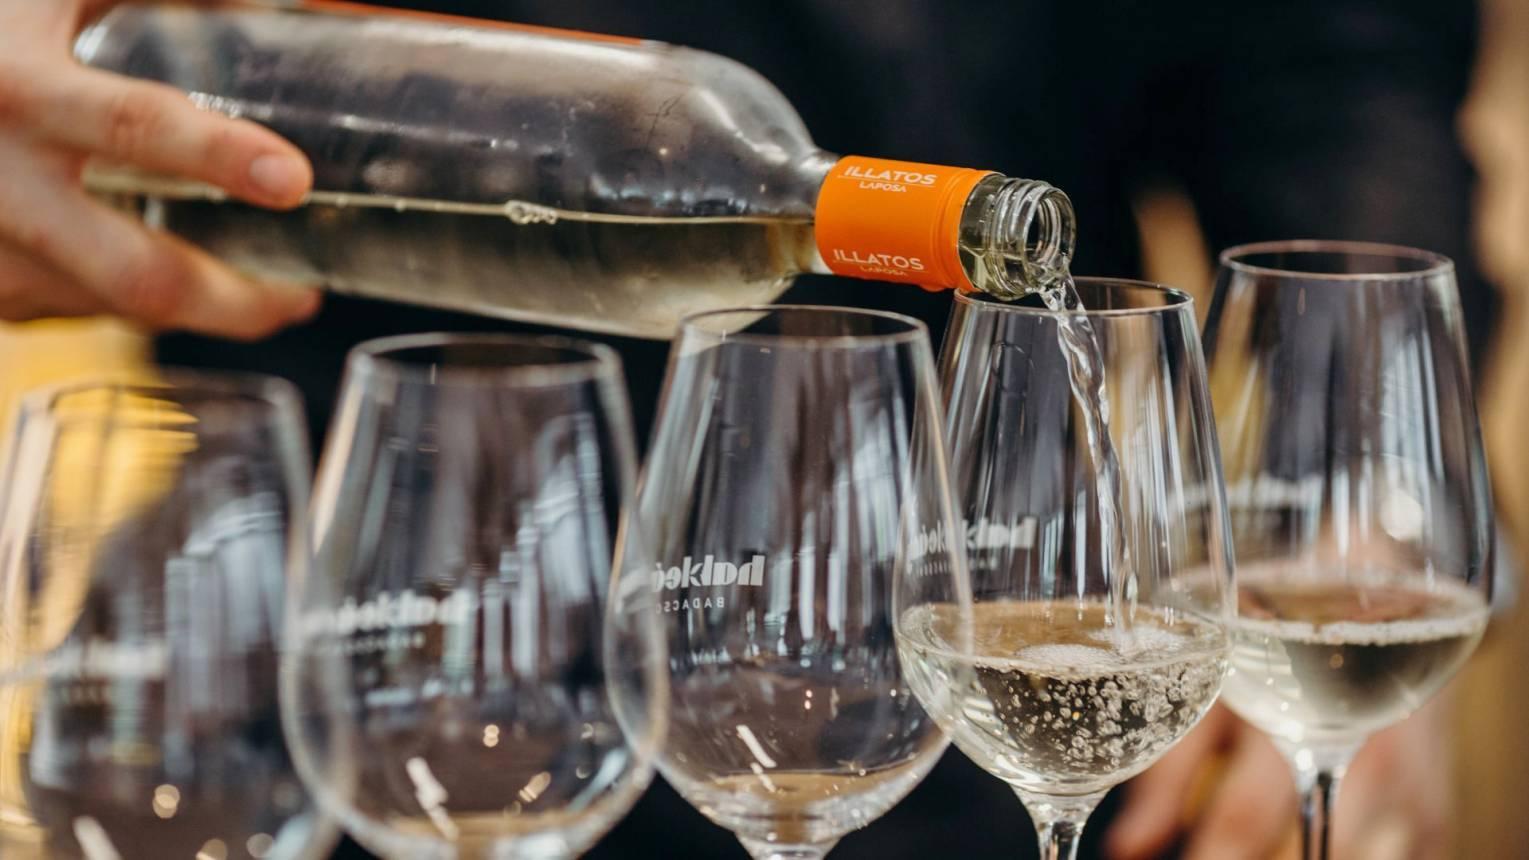 LAPOSA Borászatban üzemlátogatás és 1 fajta pezsgő és 2 fajta bor kóstolása